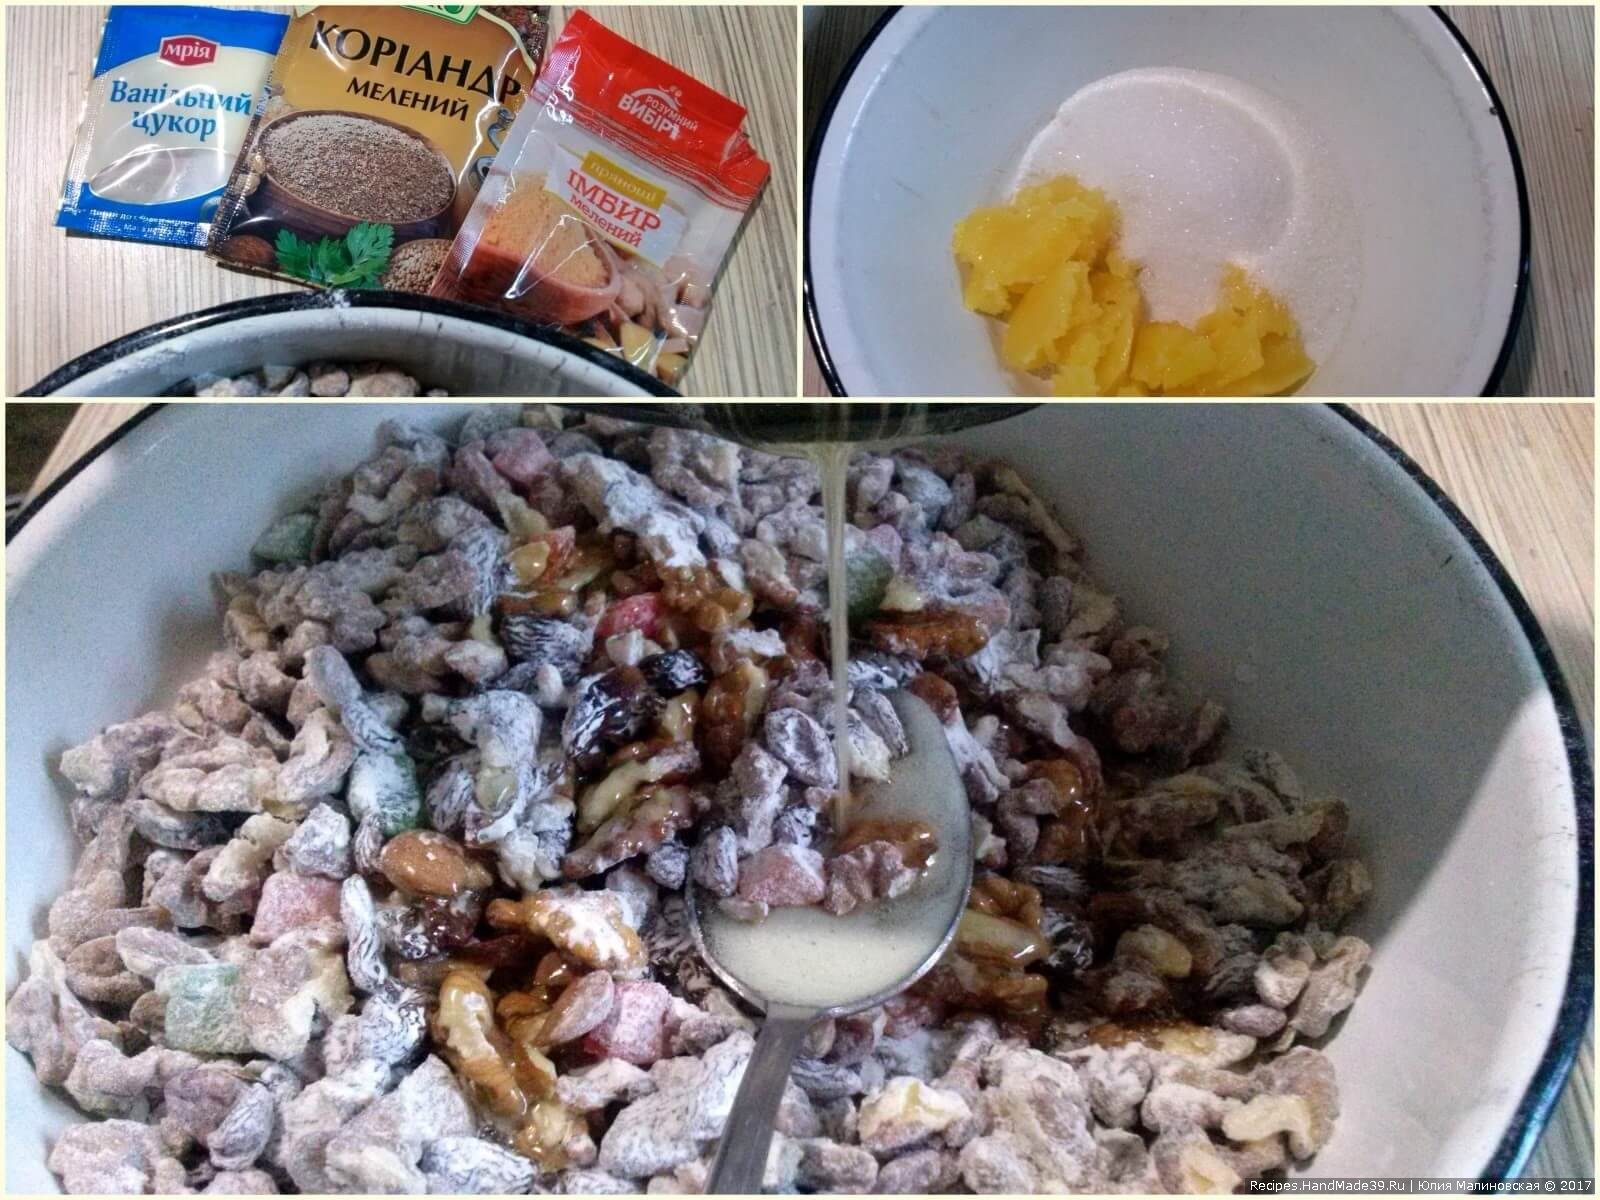 Вылить сироп на смесь орехов и быстро хорошо всё перемешать